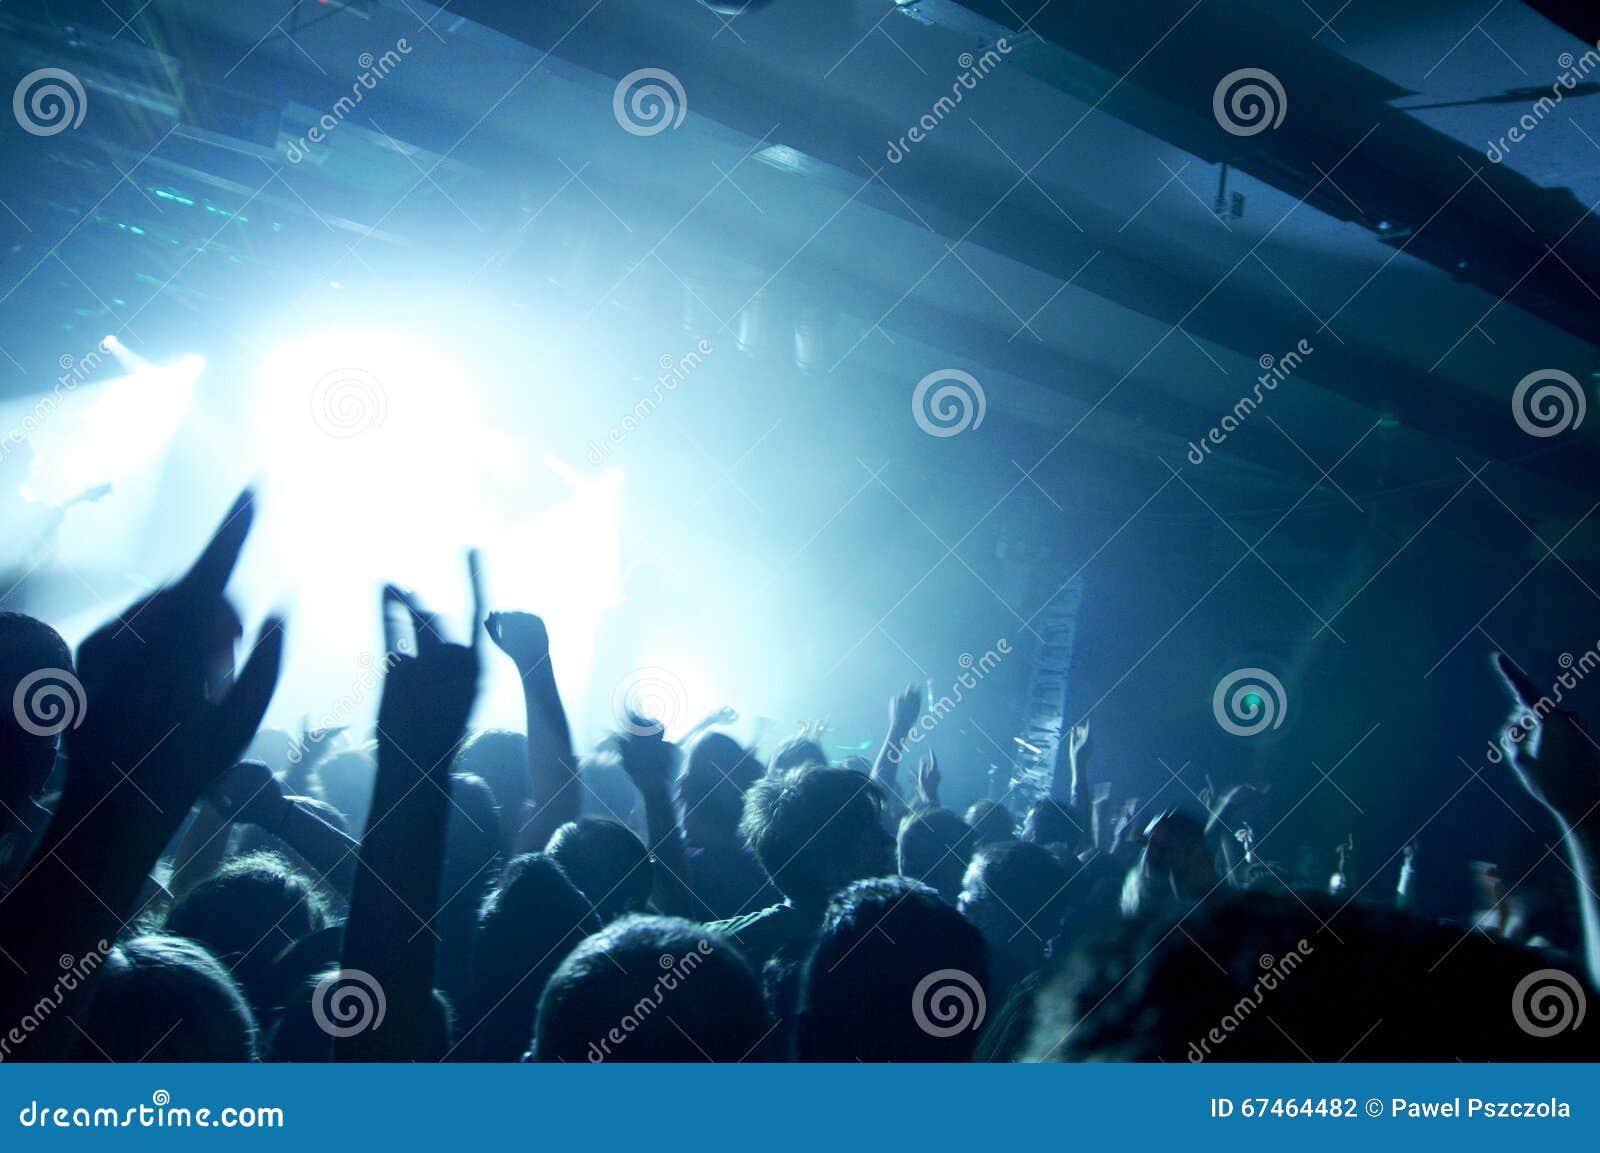 La foto de la gente que se divierte en el concierto de rock, fans que aplauden a la música famosa congriega, estrella del rock en